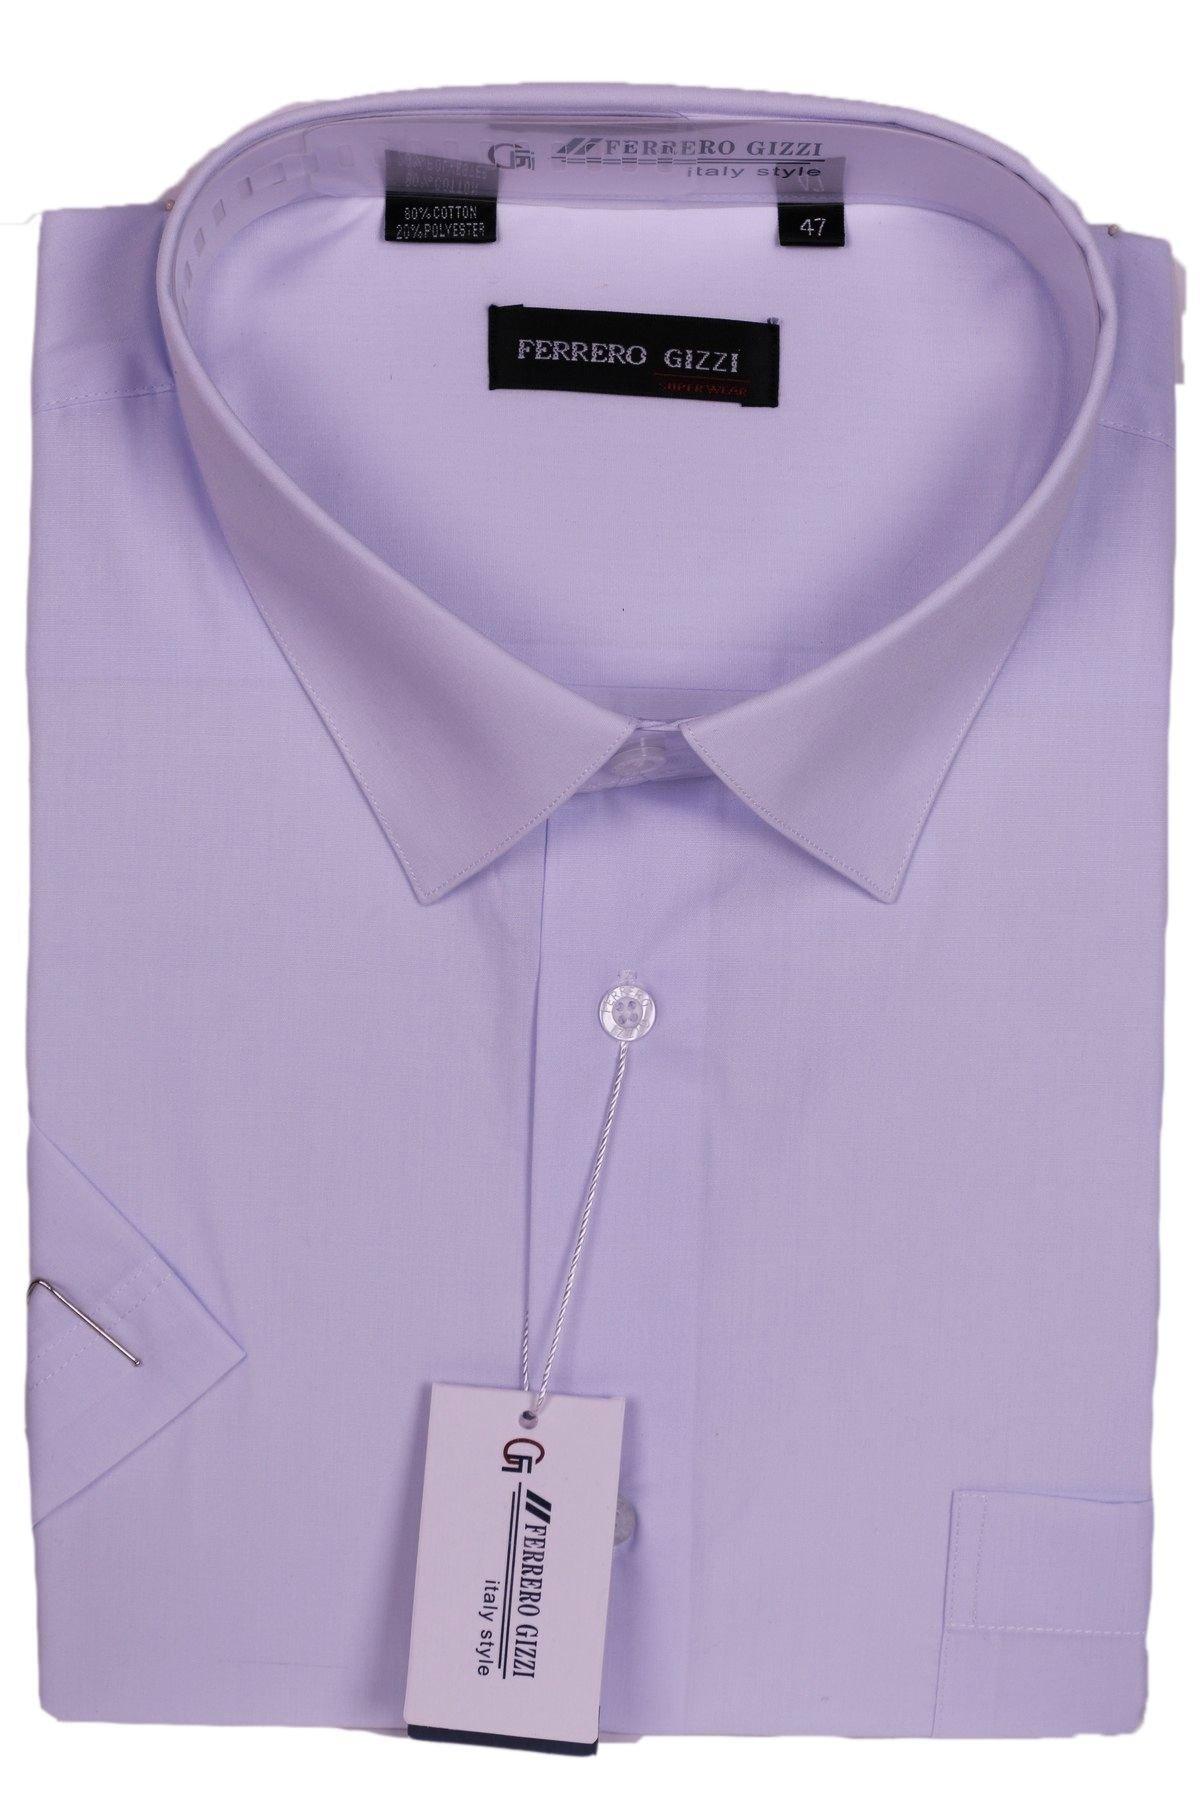 Мужская рубашка однотонная (Арт. SKY 1137BK)